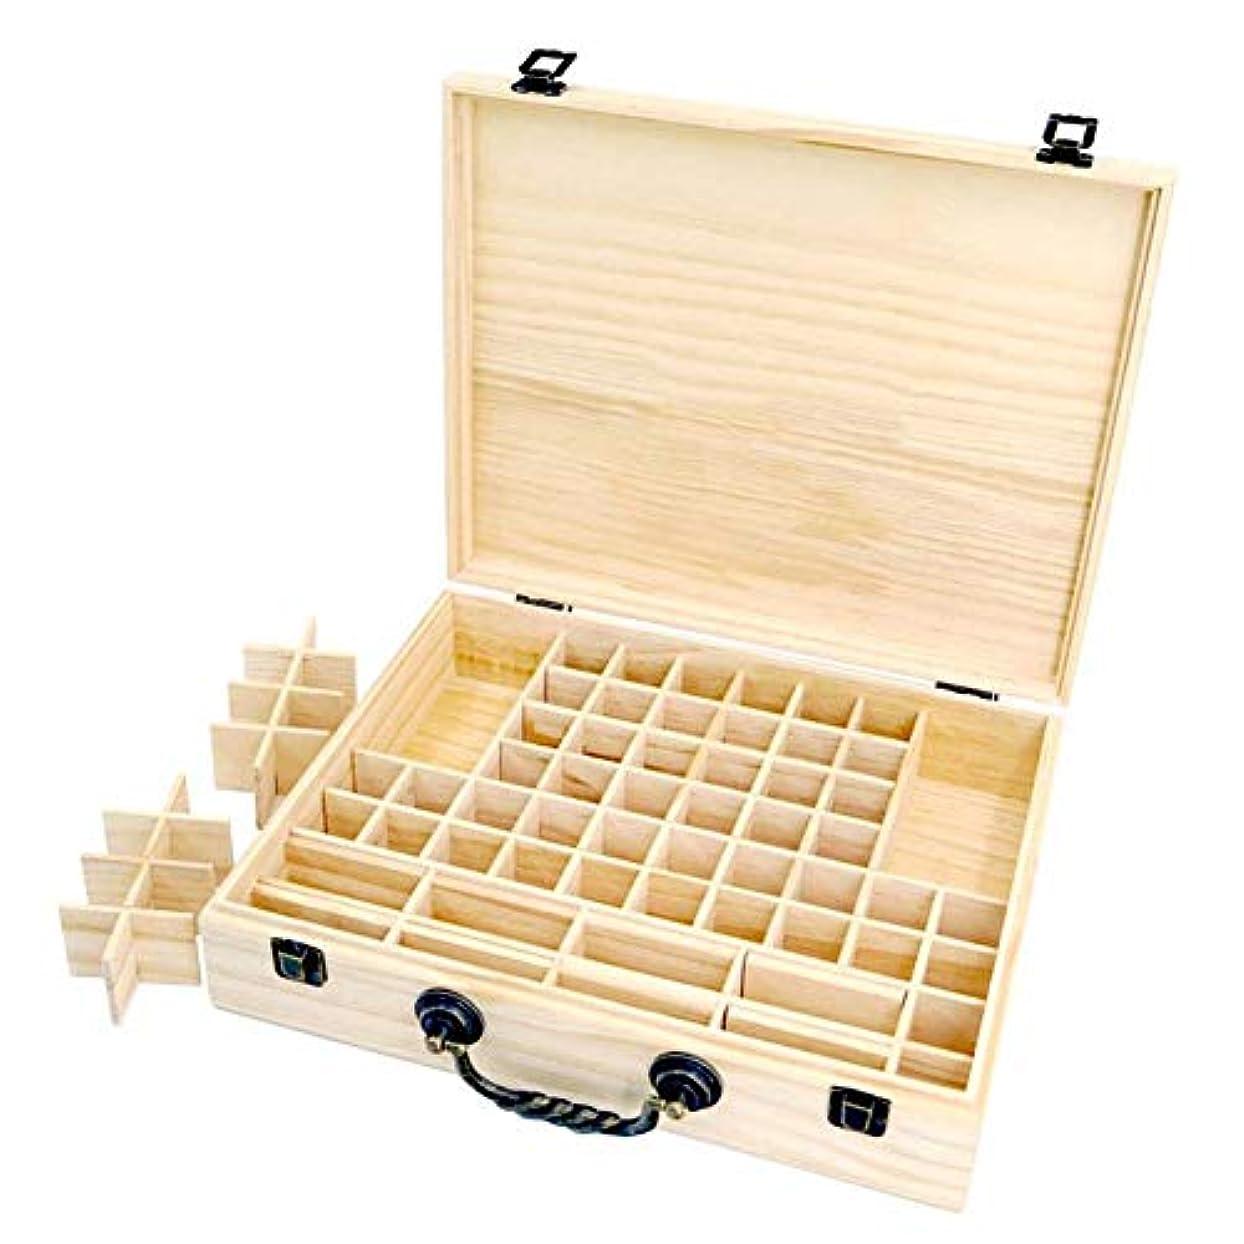 パイル代替案酔っ払いエッセンシャルオイル収納ボックス 純木の精油の収納箱 香水収納ケース アロマオイル収納ボックス 70本用